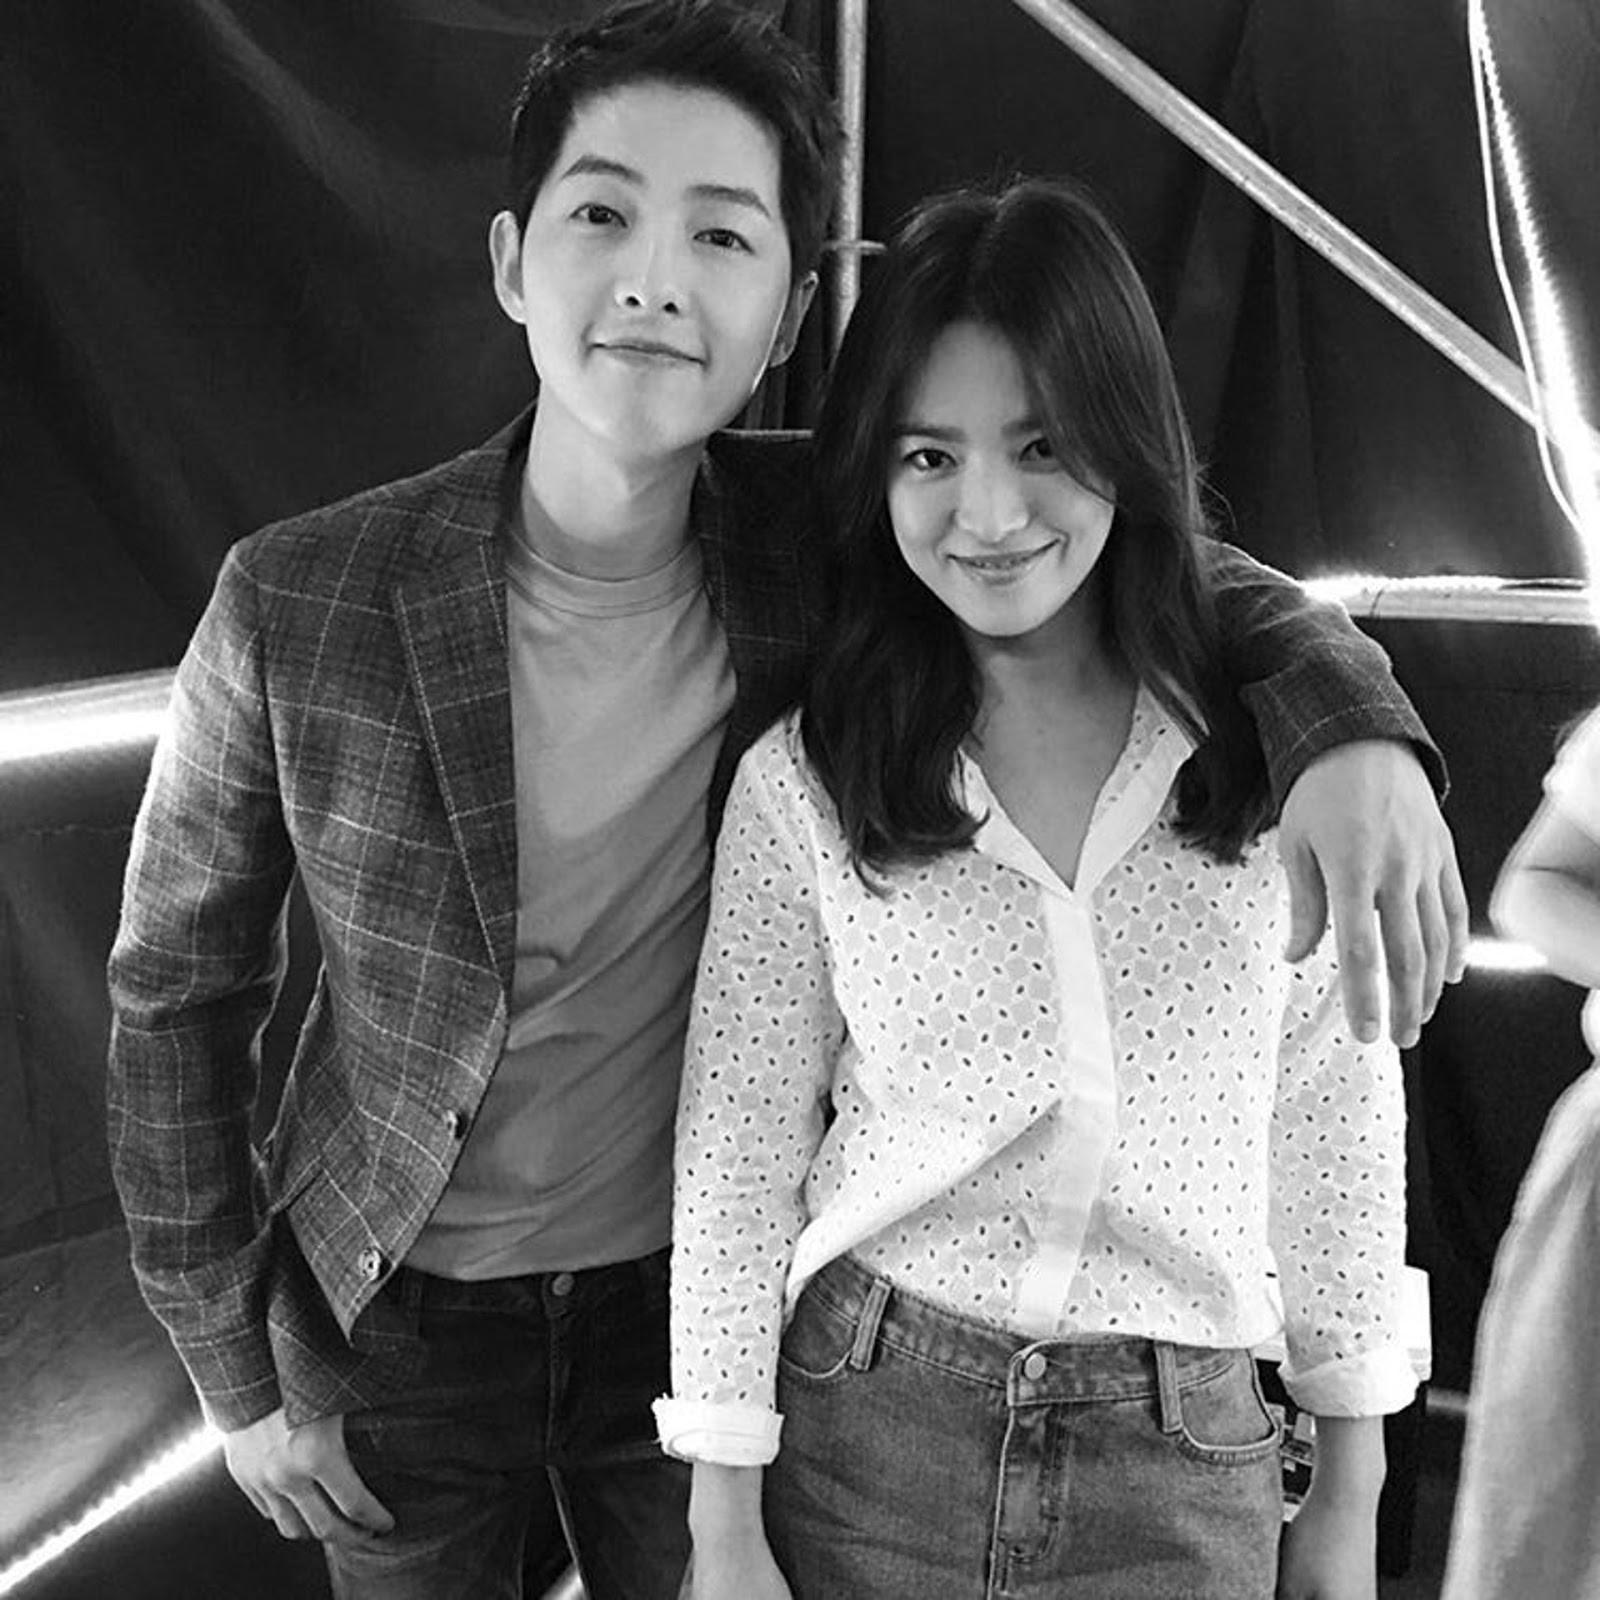 Chính thức ly dị, Song Hye Kyo đã có động thái đầu tiên: Khai tử ảnh cưới, toàn bộ dấu vết về chồng trên Instagram - Ảnh 9.